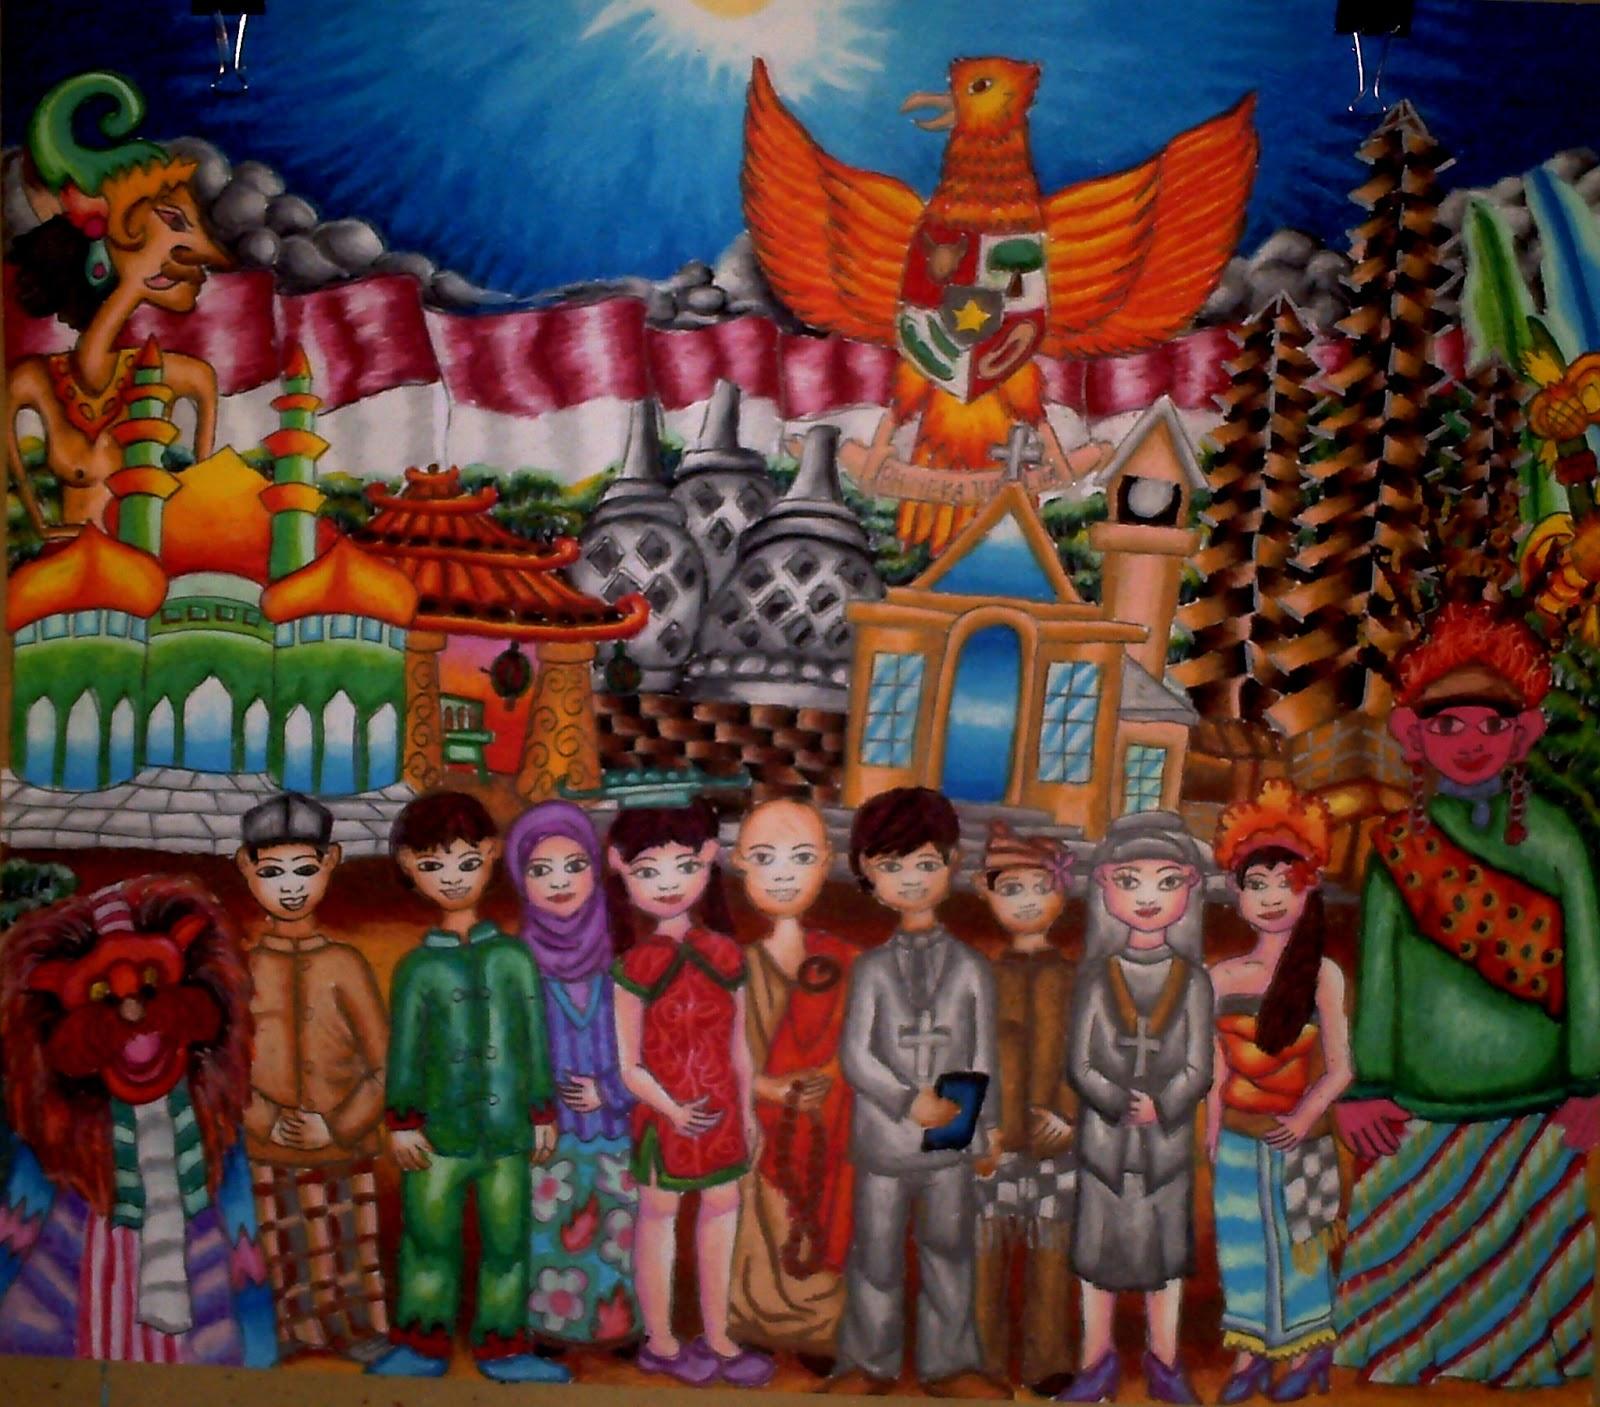 Lukisan Nida Ul Umaim adik penulis sebagai juara satu dalam FLSN Festival Lomba Seni Nasional Lombok 2012 yang menunjukkan kebhinnekaan agama dan budaya